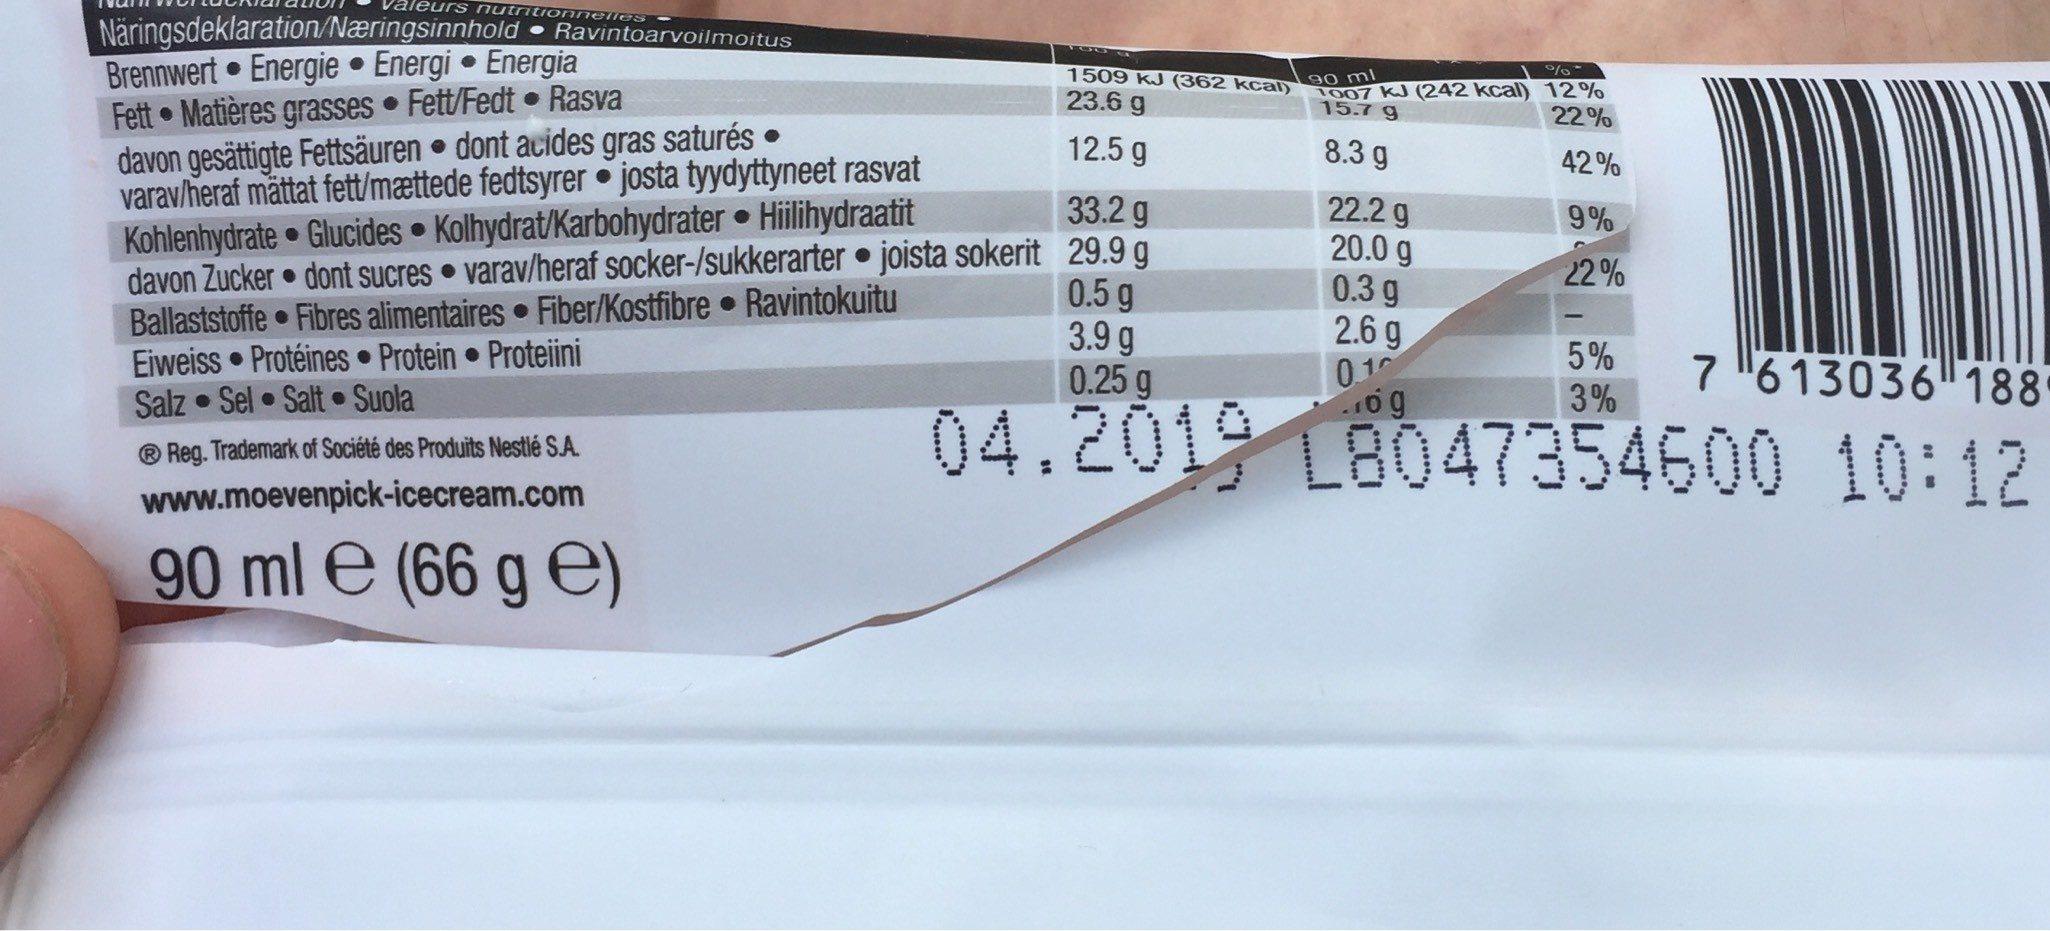 Mövenpick macadamia - Nutrition facts